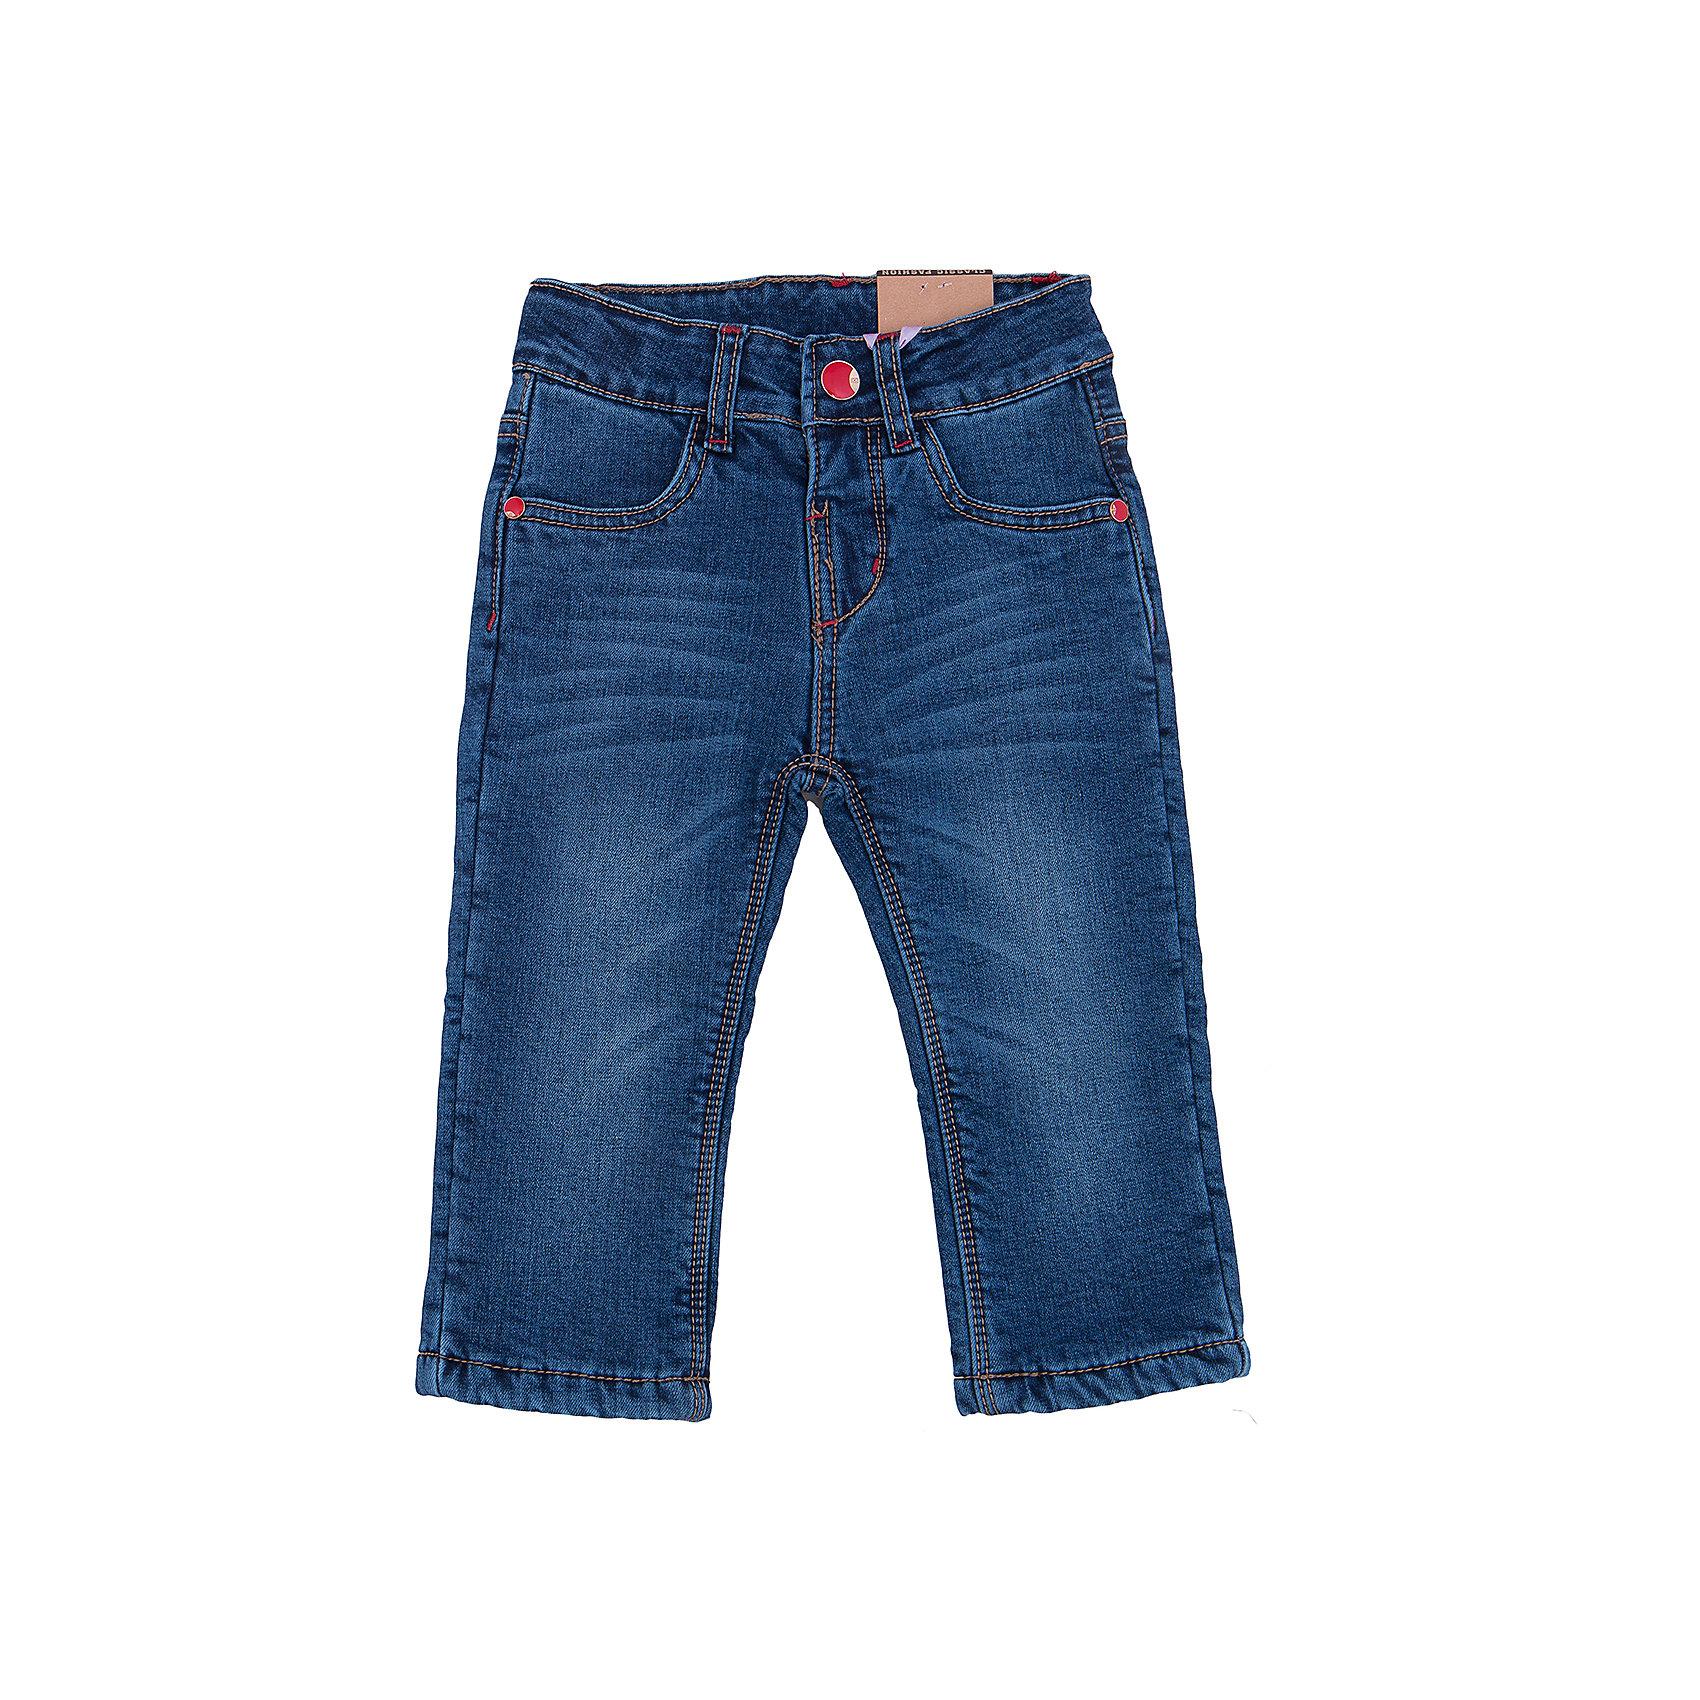 Джинсы для девочки Sweet BerryДжинсовая одежда<br>Такая модель джинсов для девочки отличается модным дизайном с контрастной прострочкой и потертостями. Удачный крой обеспечит ребенку комфорт и тепло. Мягкая и теплая флисовая подкладка делает вещь идеальной для прохладной погоды. Она плотно прилегает к телу там, где нужно, и отлично сидит по фигуре. Джинсы имеют удобный пояс на пуговице и молнии. Натуральный хлопок обеспечит коже возможность дышать и не вызовет аллергии.<br>Одежда от бренда Sweet Berry - это простой и выгодный способ одеть ребенка удобно и стильно. Всё изделия тщательно проработаны: швы - прочные, материал - качественный, фурнитура - подобранная специально для детей. <br><br>Дополнительная информация:<br><br>цвет: синий;<br>имитация потертостей;<br>материал: верх - 98% хлопок, 2% эластан, подкладка - 100% полиэстер;<br>пояс на пуговице и молнии.<br><br>Джинсы для девочки от бренда Sweet Berry можно купить в нашем интернет-магазине.<br><br>Ширина мм: 215<br>Глубина мм: 88<br>Высота мм: 191<br>Вес г: 336<br>Цвет: синий<br>Возраст от месяцев: 12<br>Возраст до месяцев: 15<br>Пол: Женский<br>Возраст: Детский<br>Размер: 80,86,92,98<br>SKU: 4931368